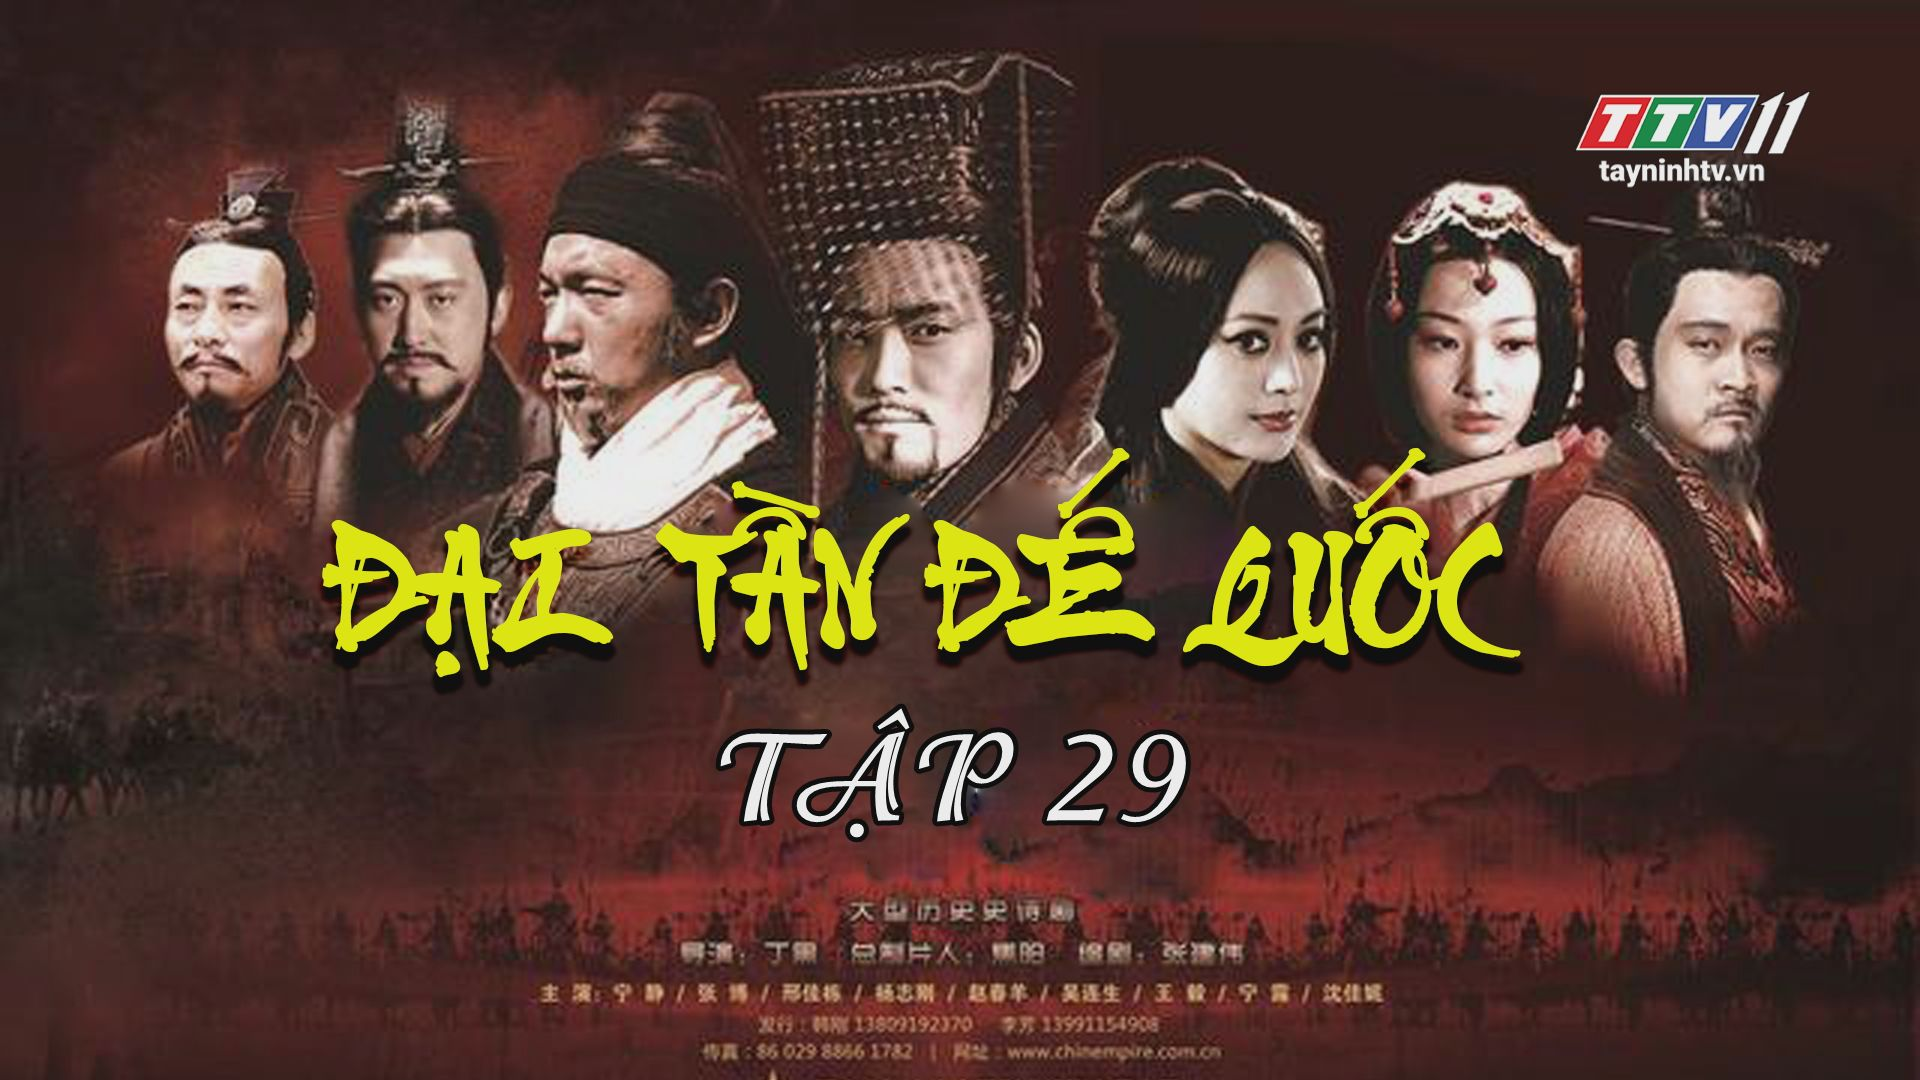 Tập 29 | ĐẠI TẦN ĐẾ QUỐC - Phần 3 - QUẬT KHỞI - FULL HD | TayNinhTV